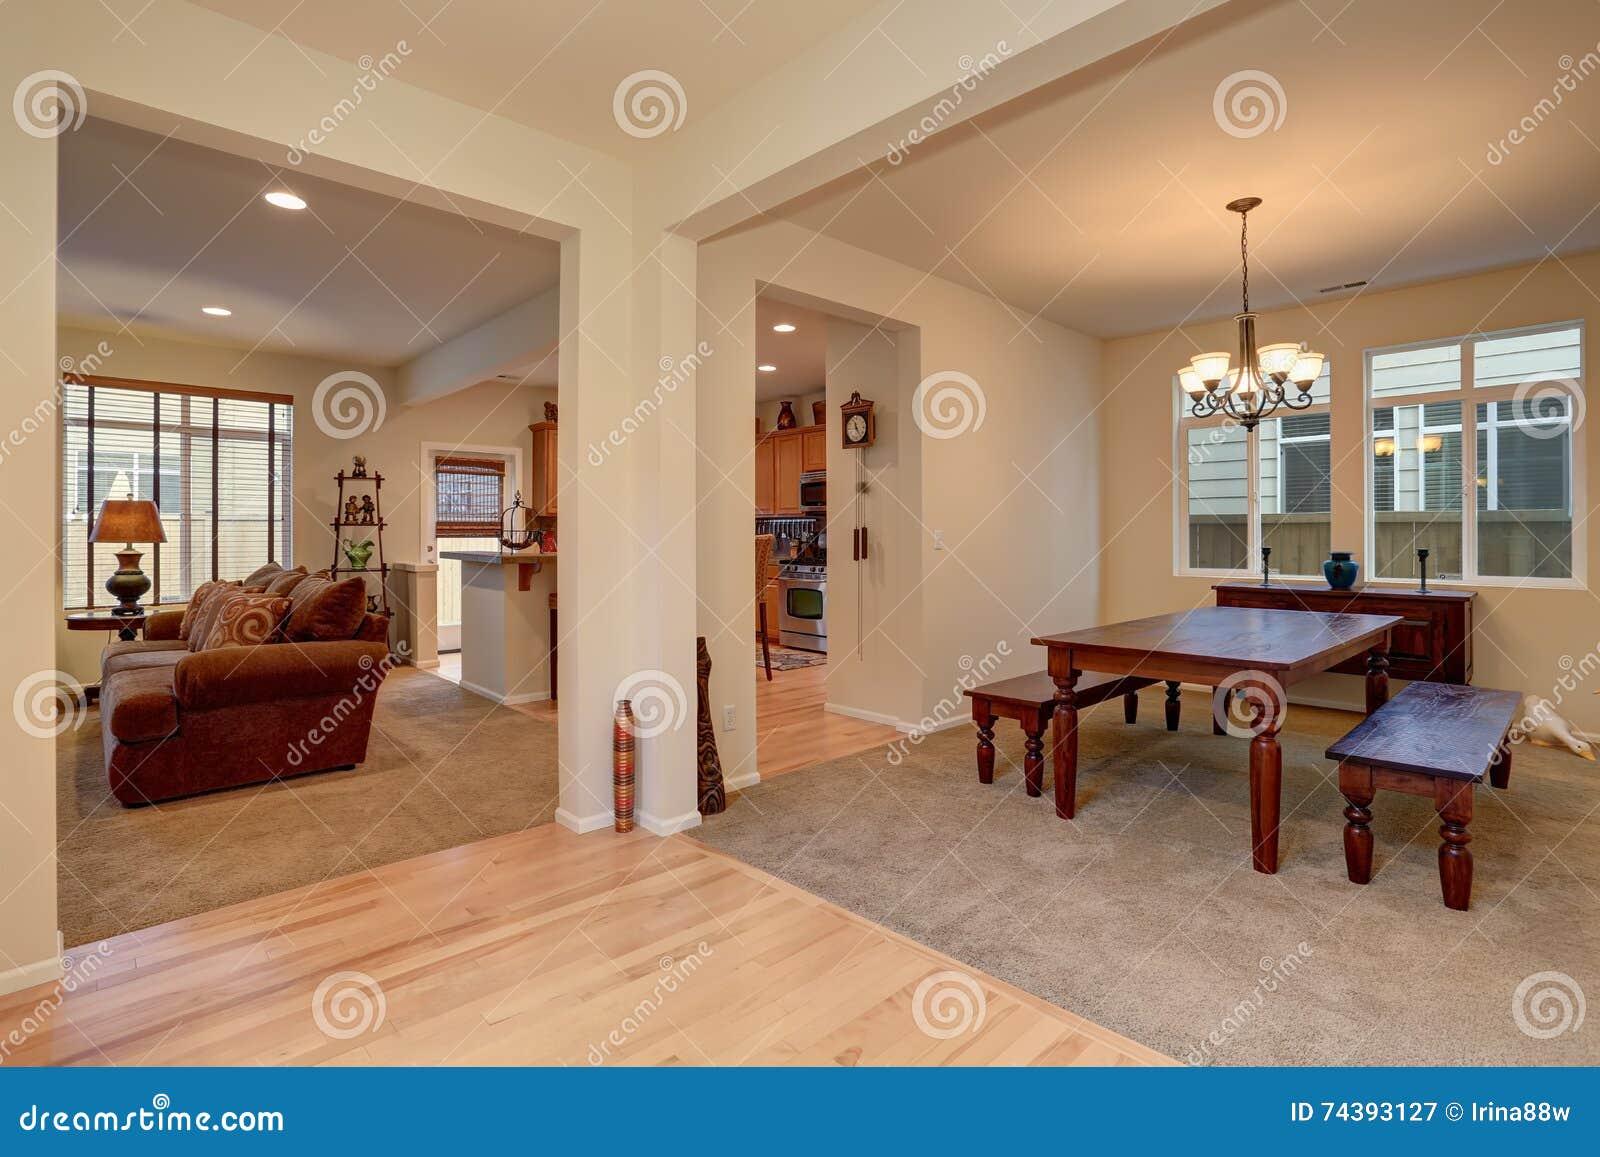 Programma di pavimento aperto vista di sala da pranzo con - Sala con cucina a vista ...